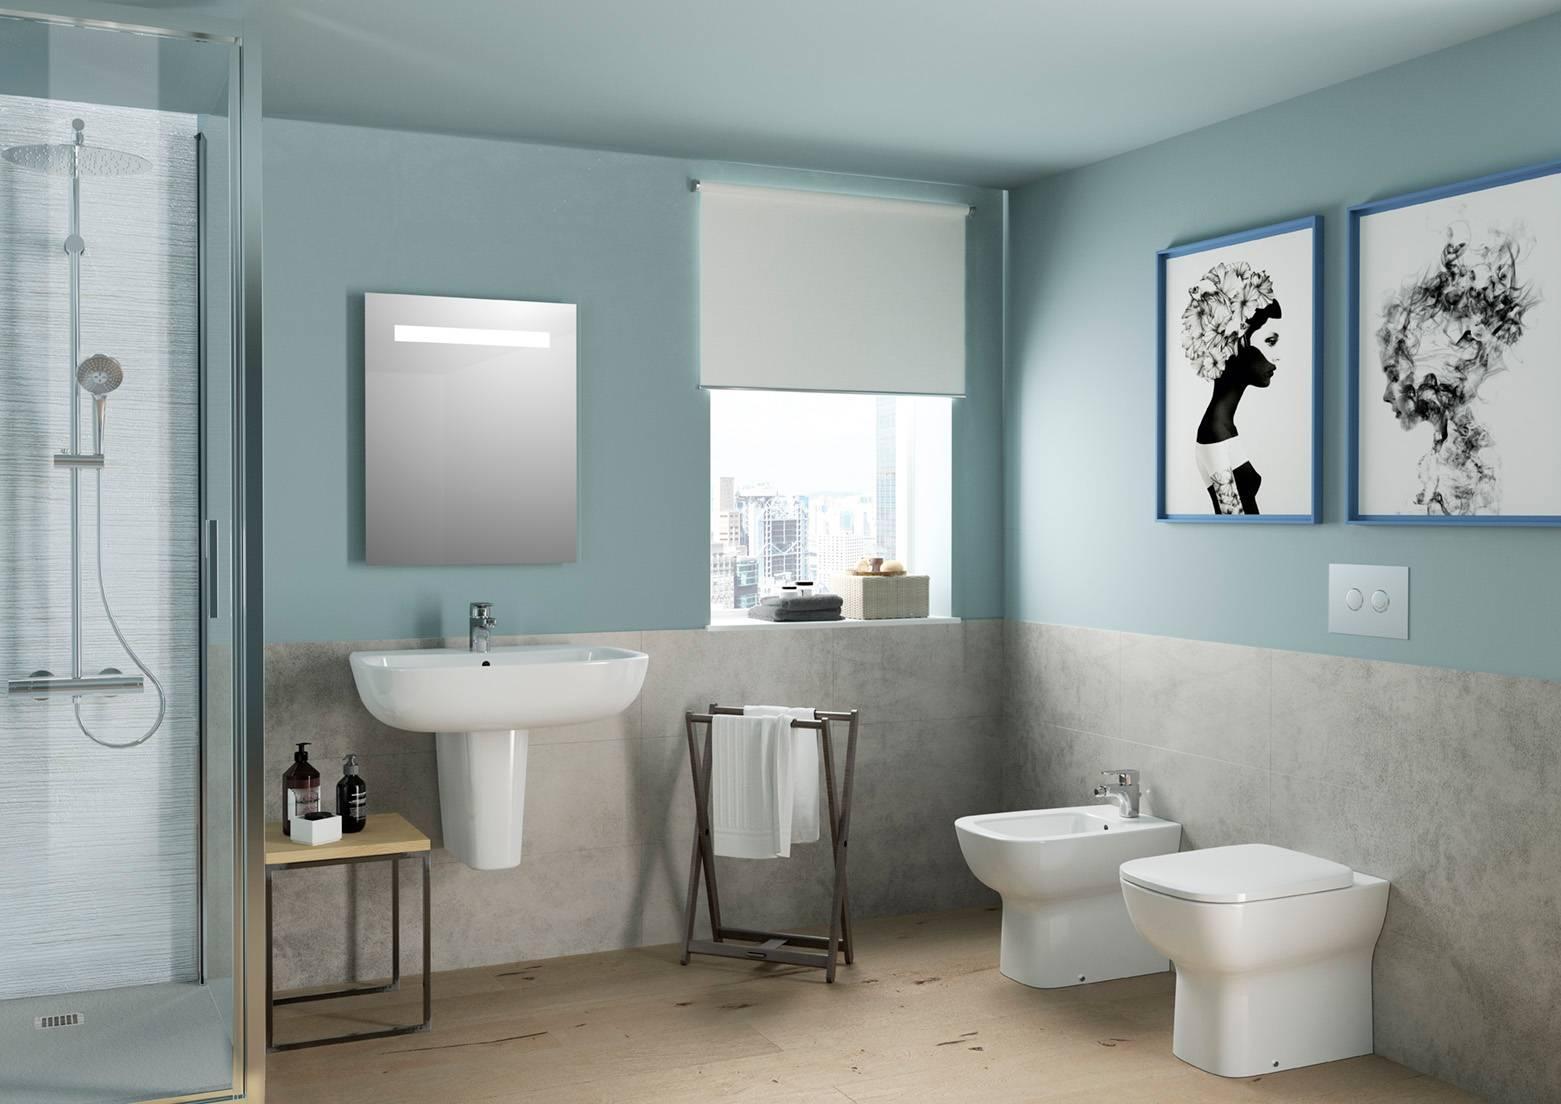 Ristrutturare il bagno in modo facile e veloce con Ideal Standard ...